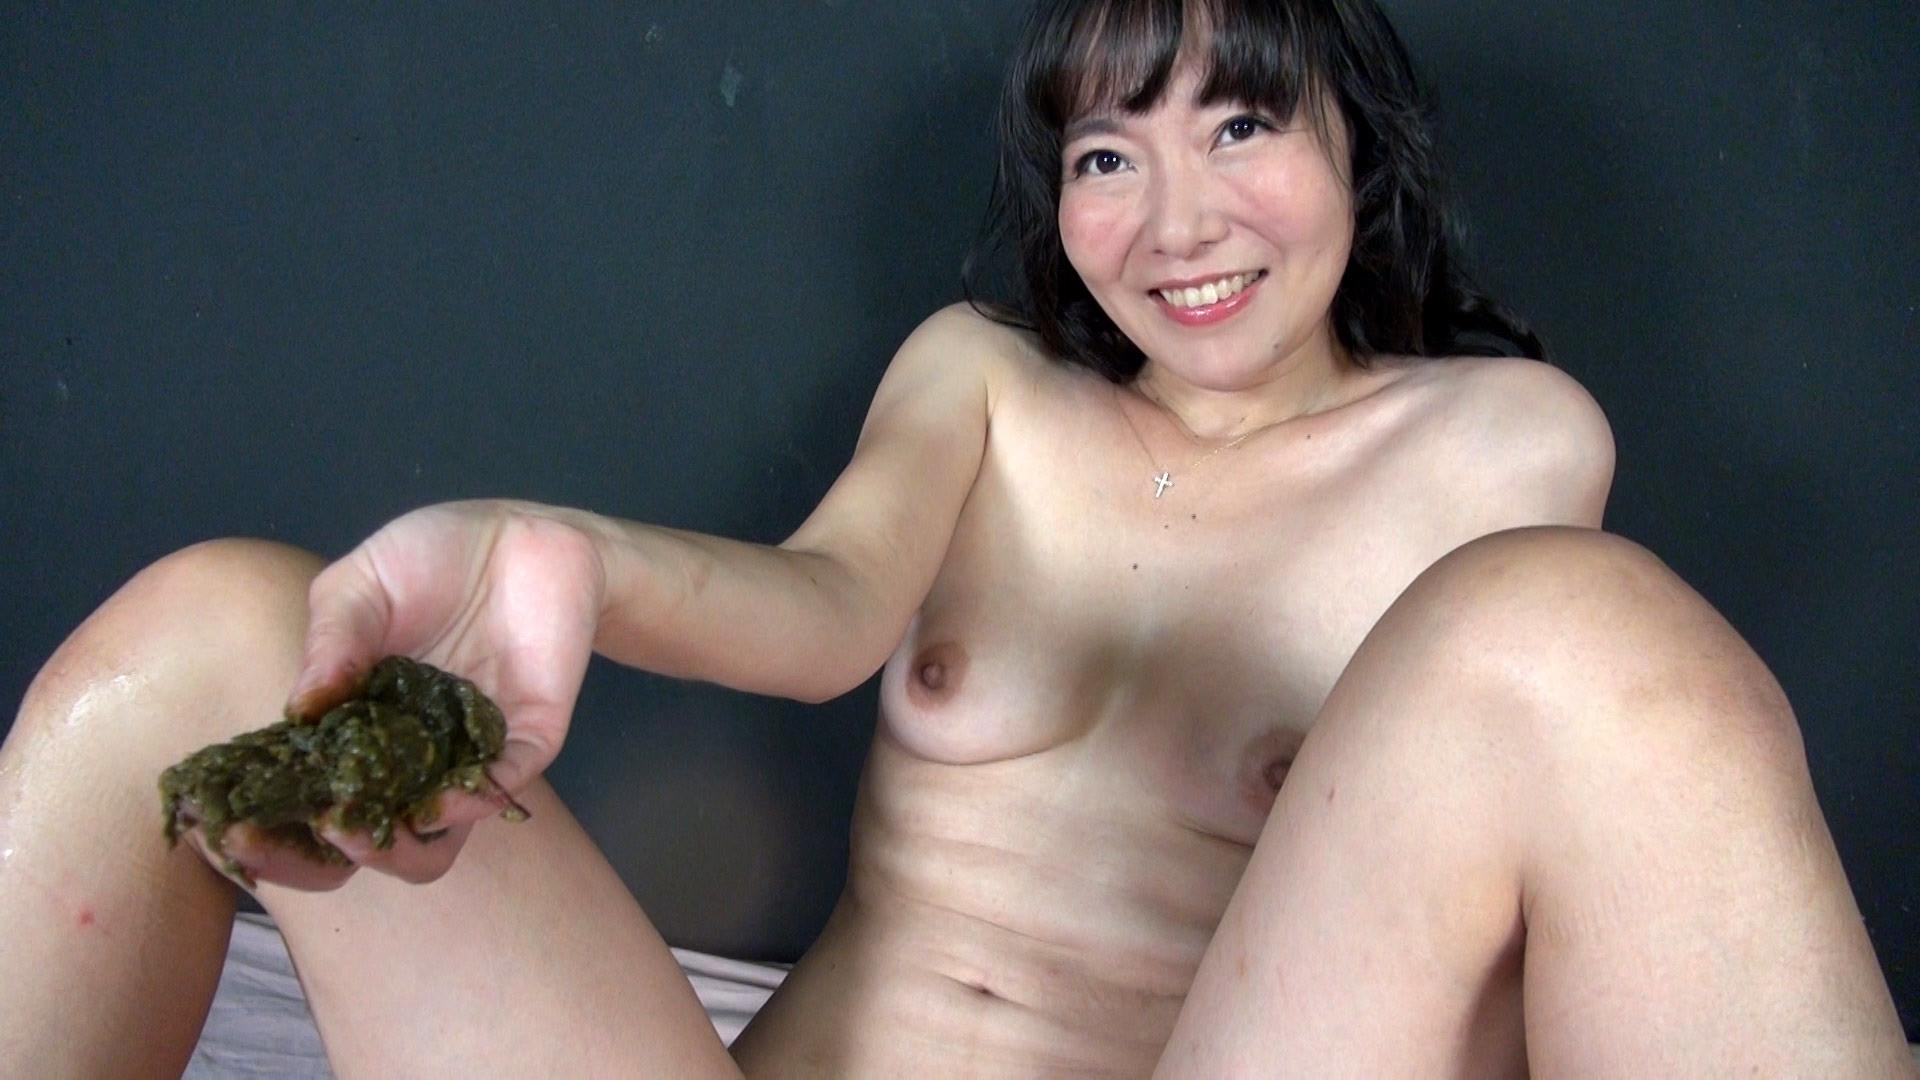 清楚な美人奥様の肛門拡張 爆弾うんこ「そんなにお尻の穴拡げたら・・・」 画像12